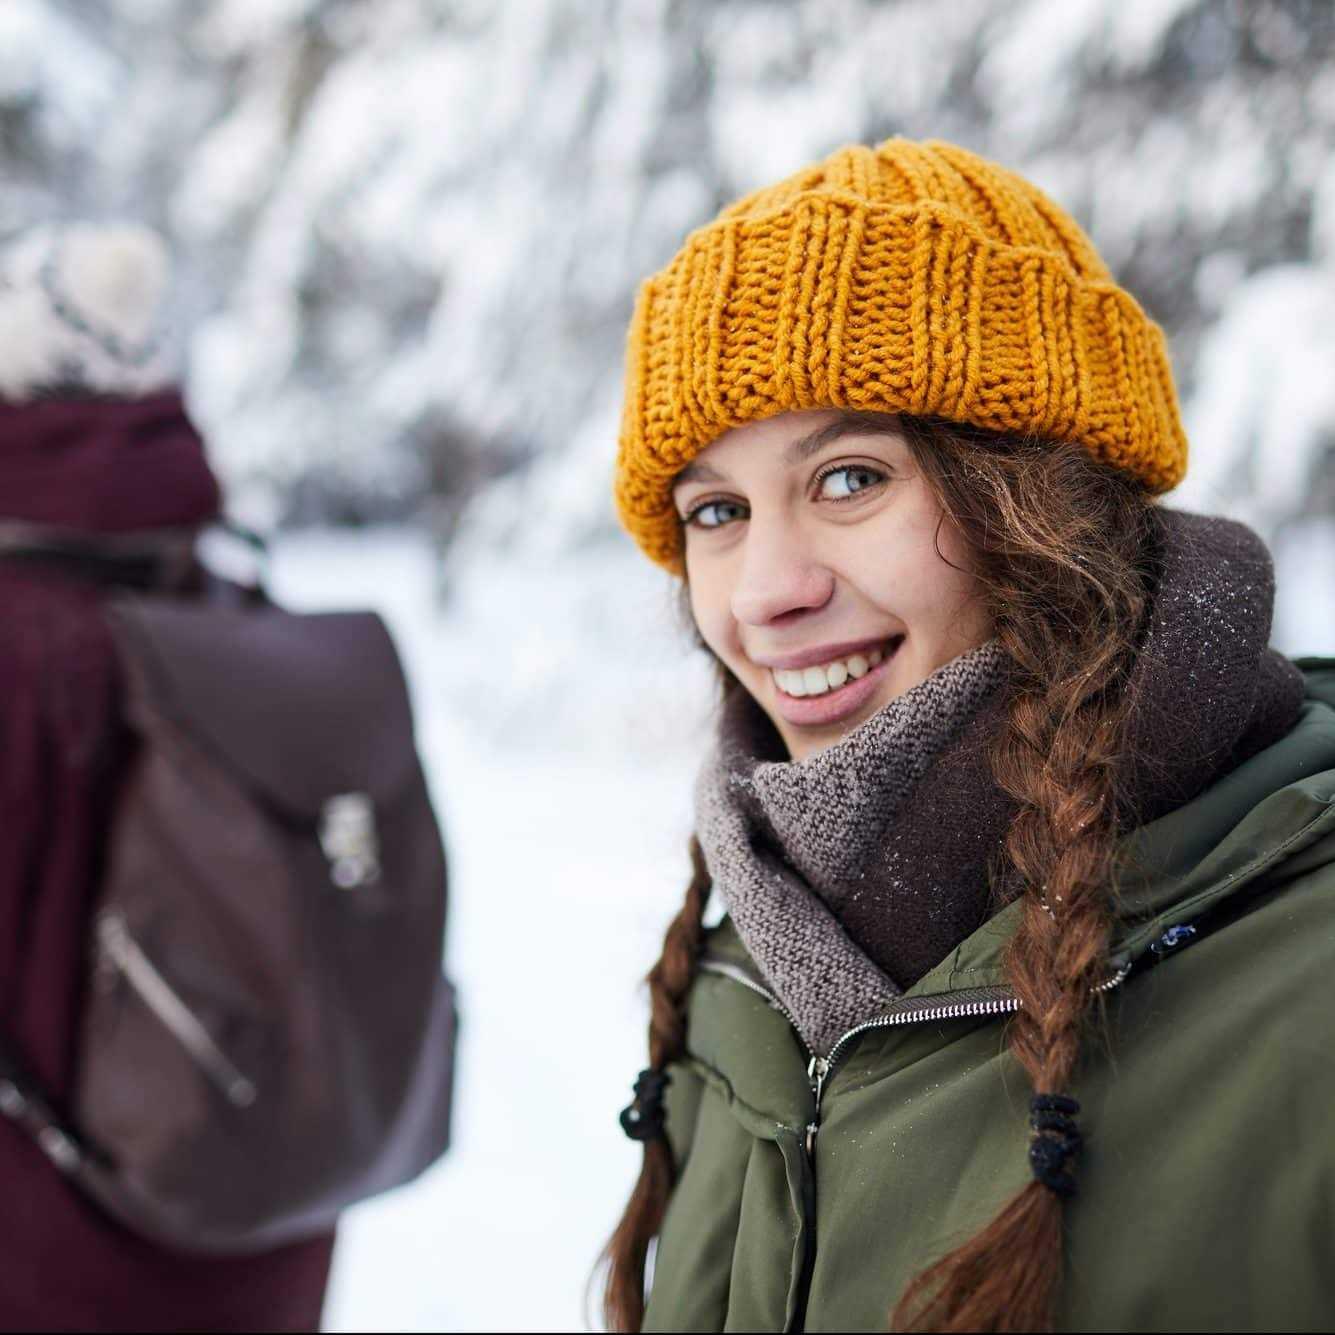 Mädchen lächelt in Kamera in winterlicher Kulisse